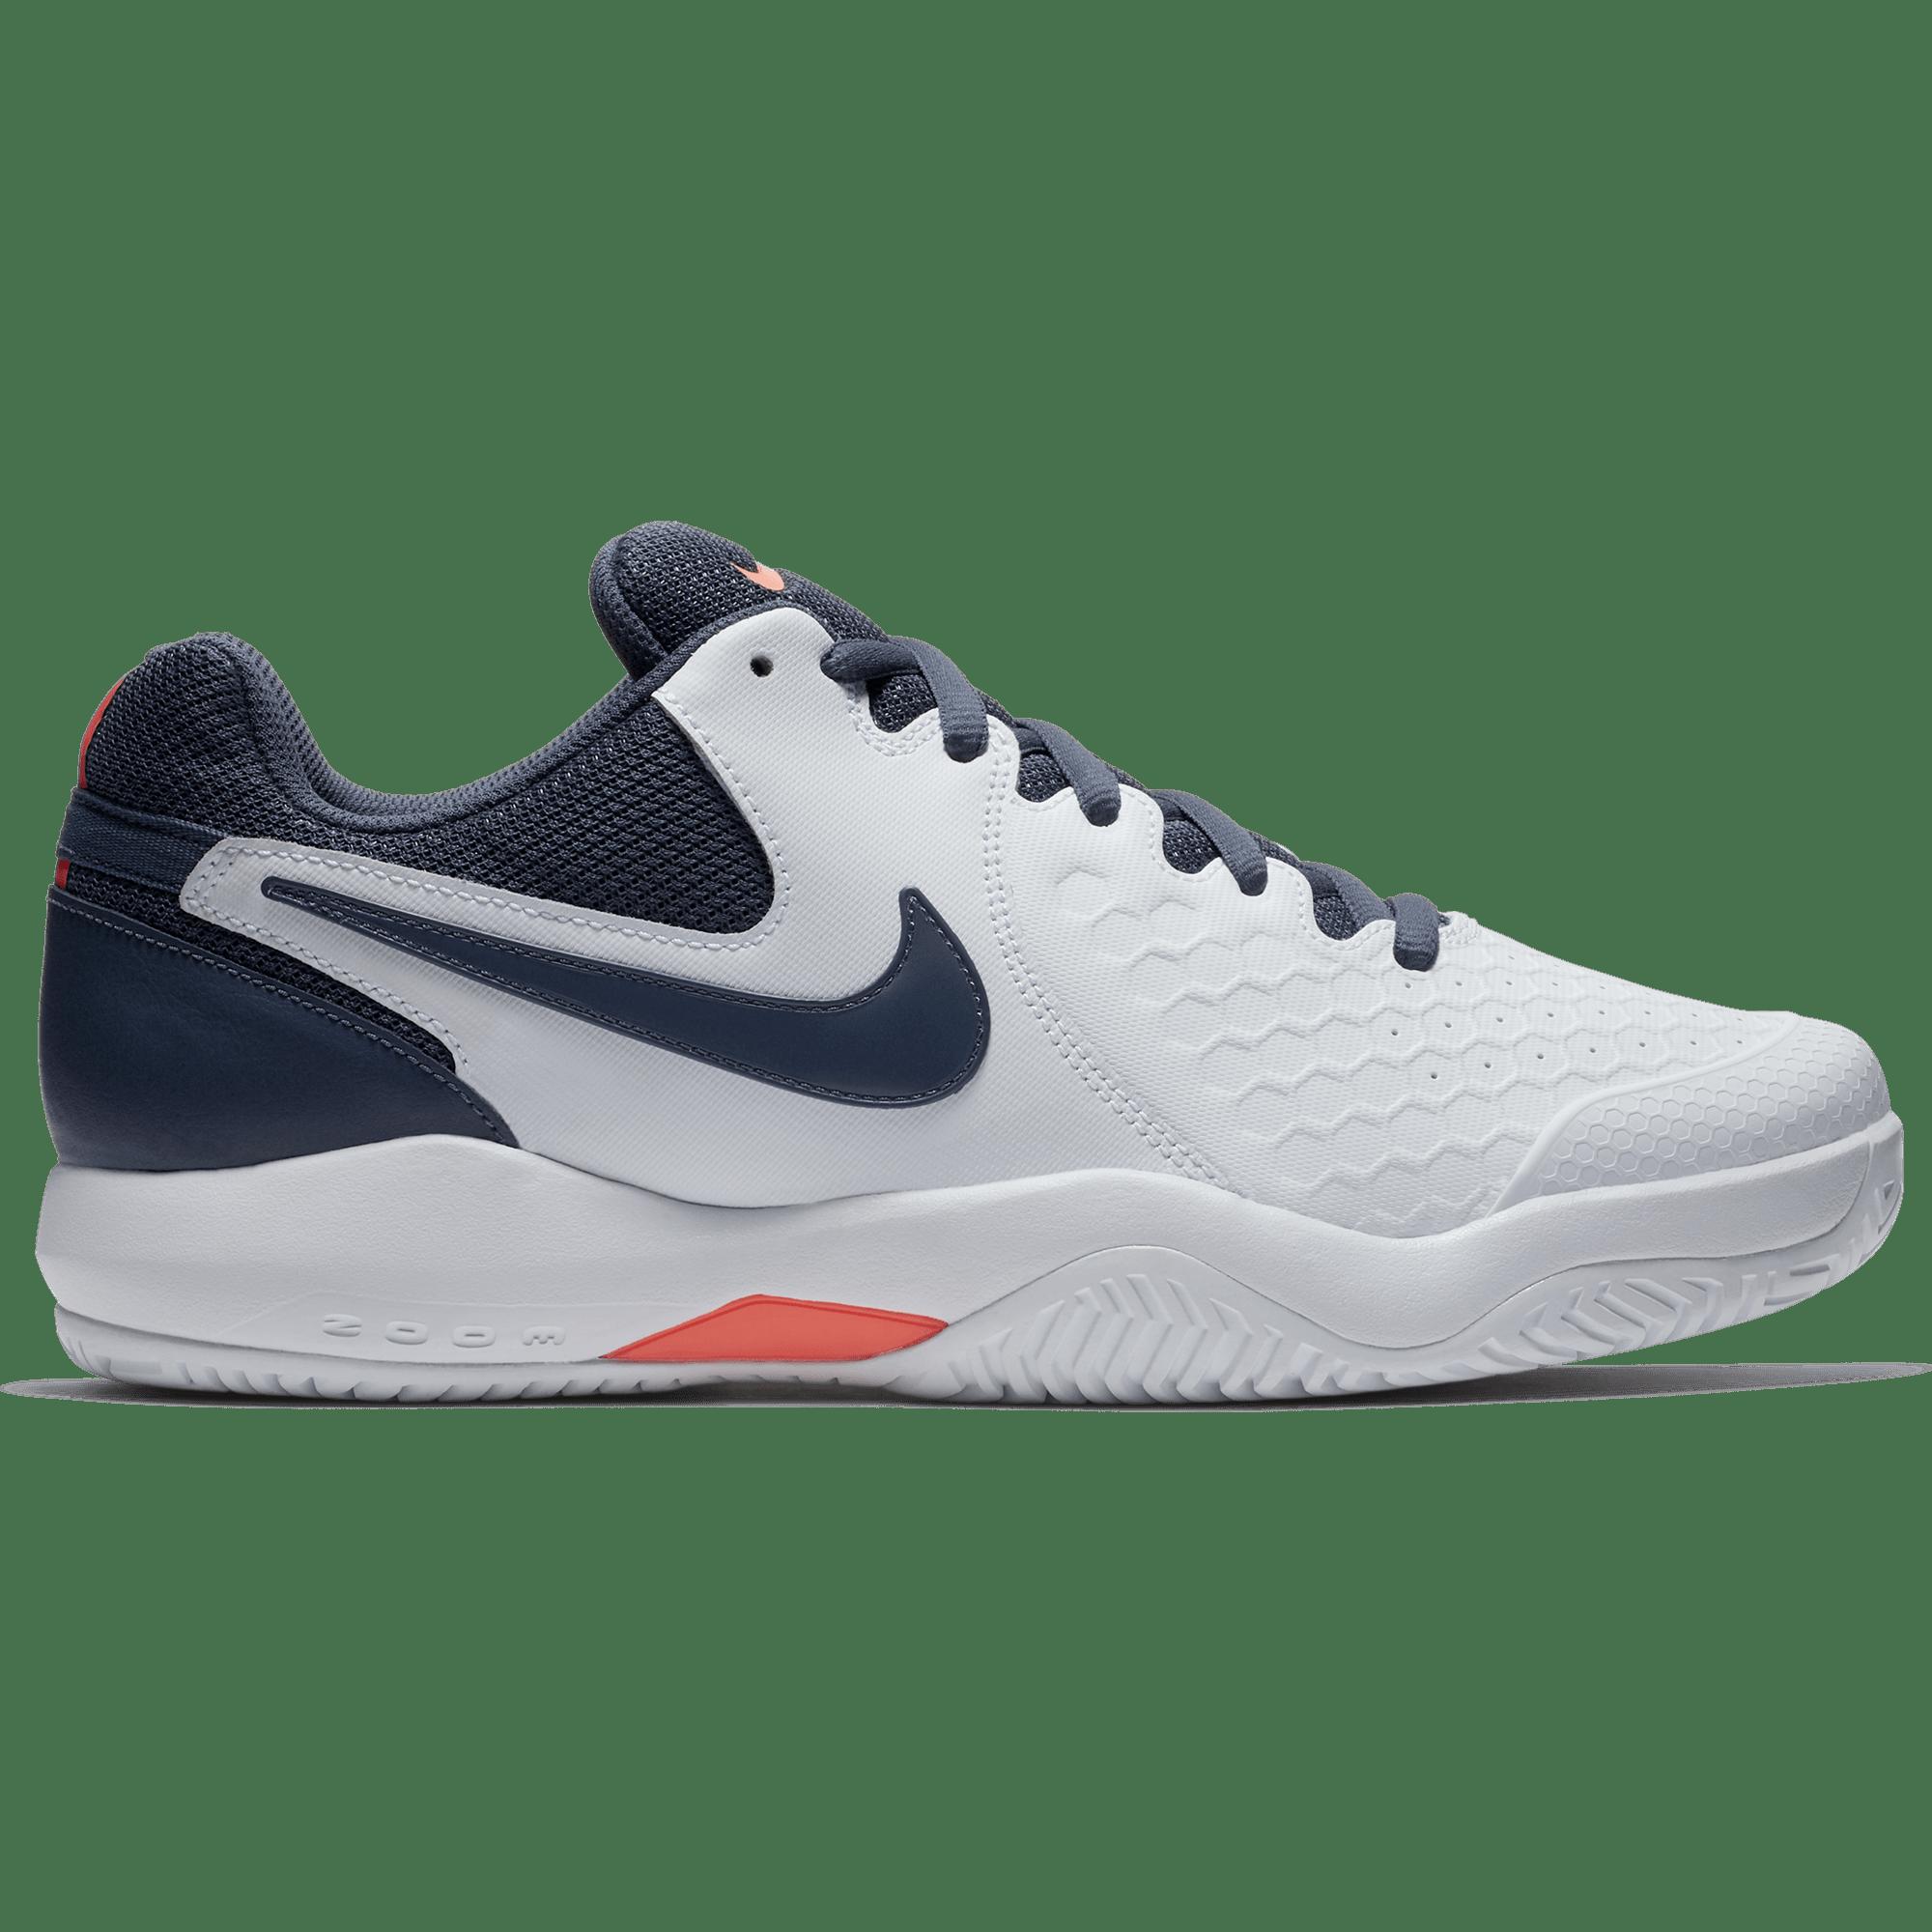 Nike Air Zoom Resistance Men's Tennis